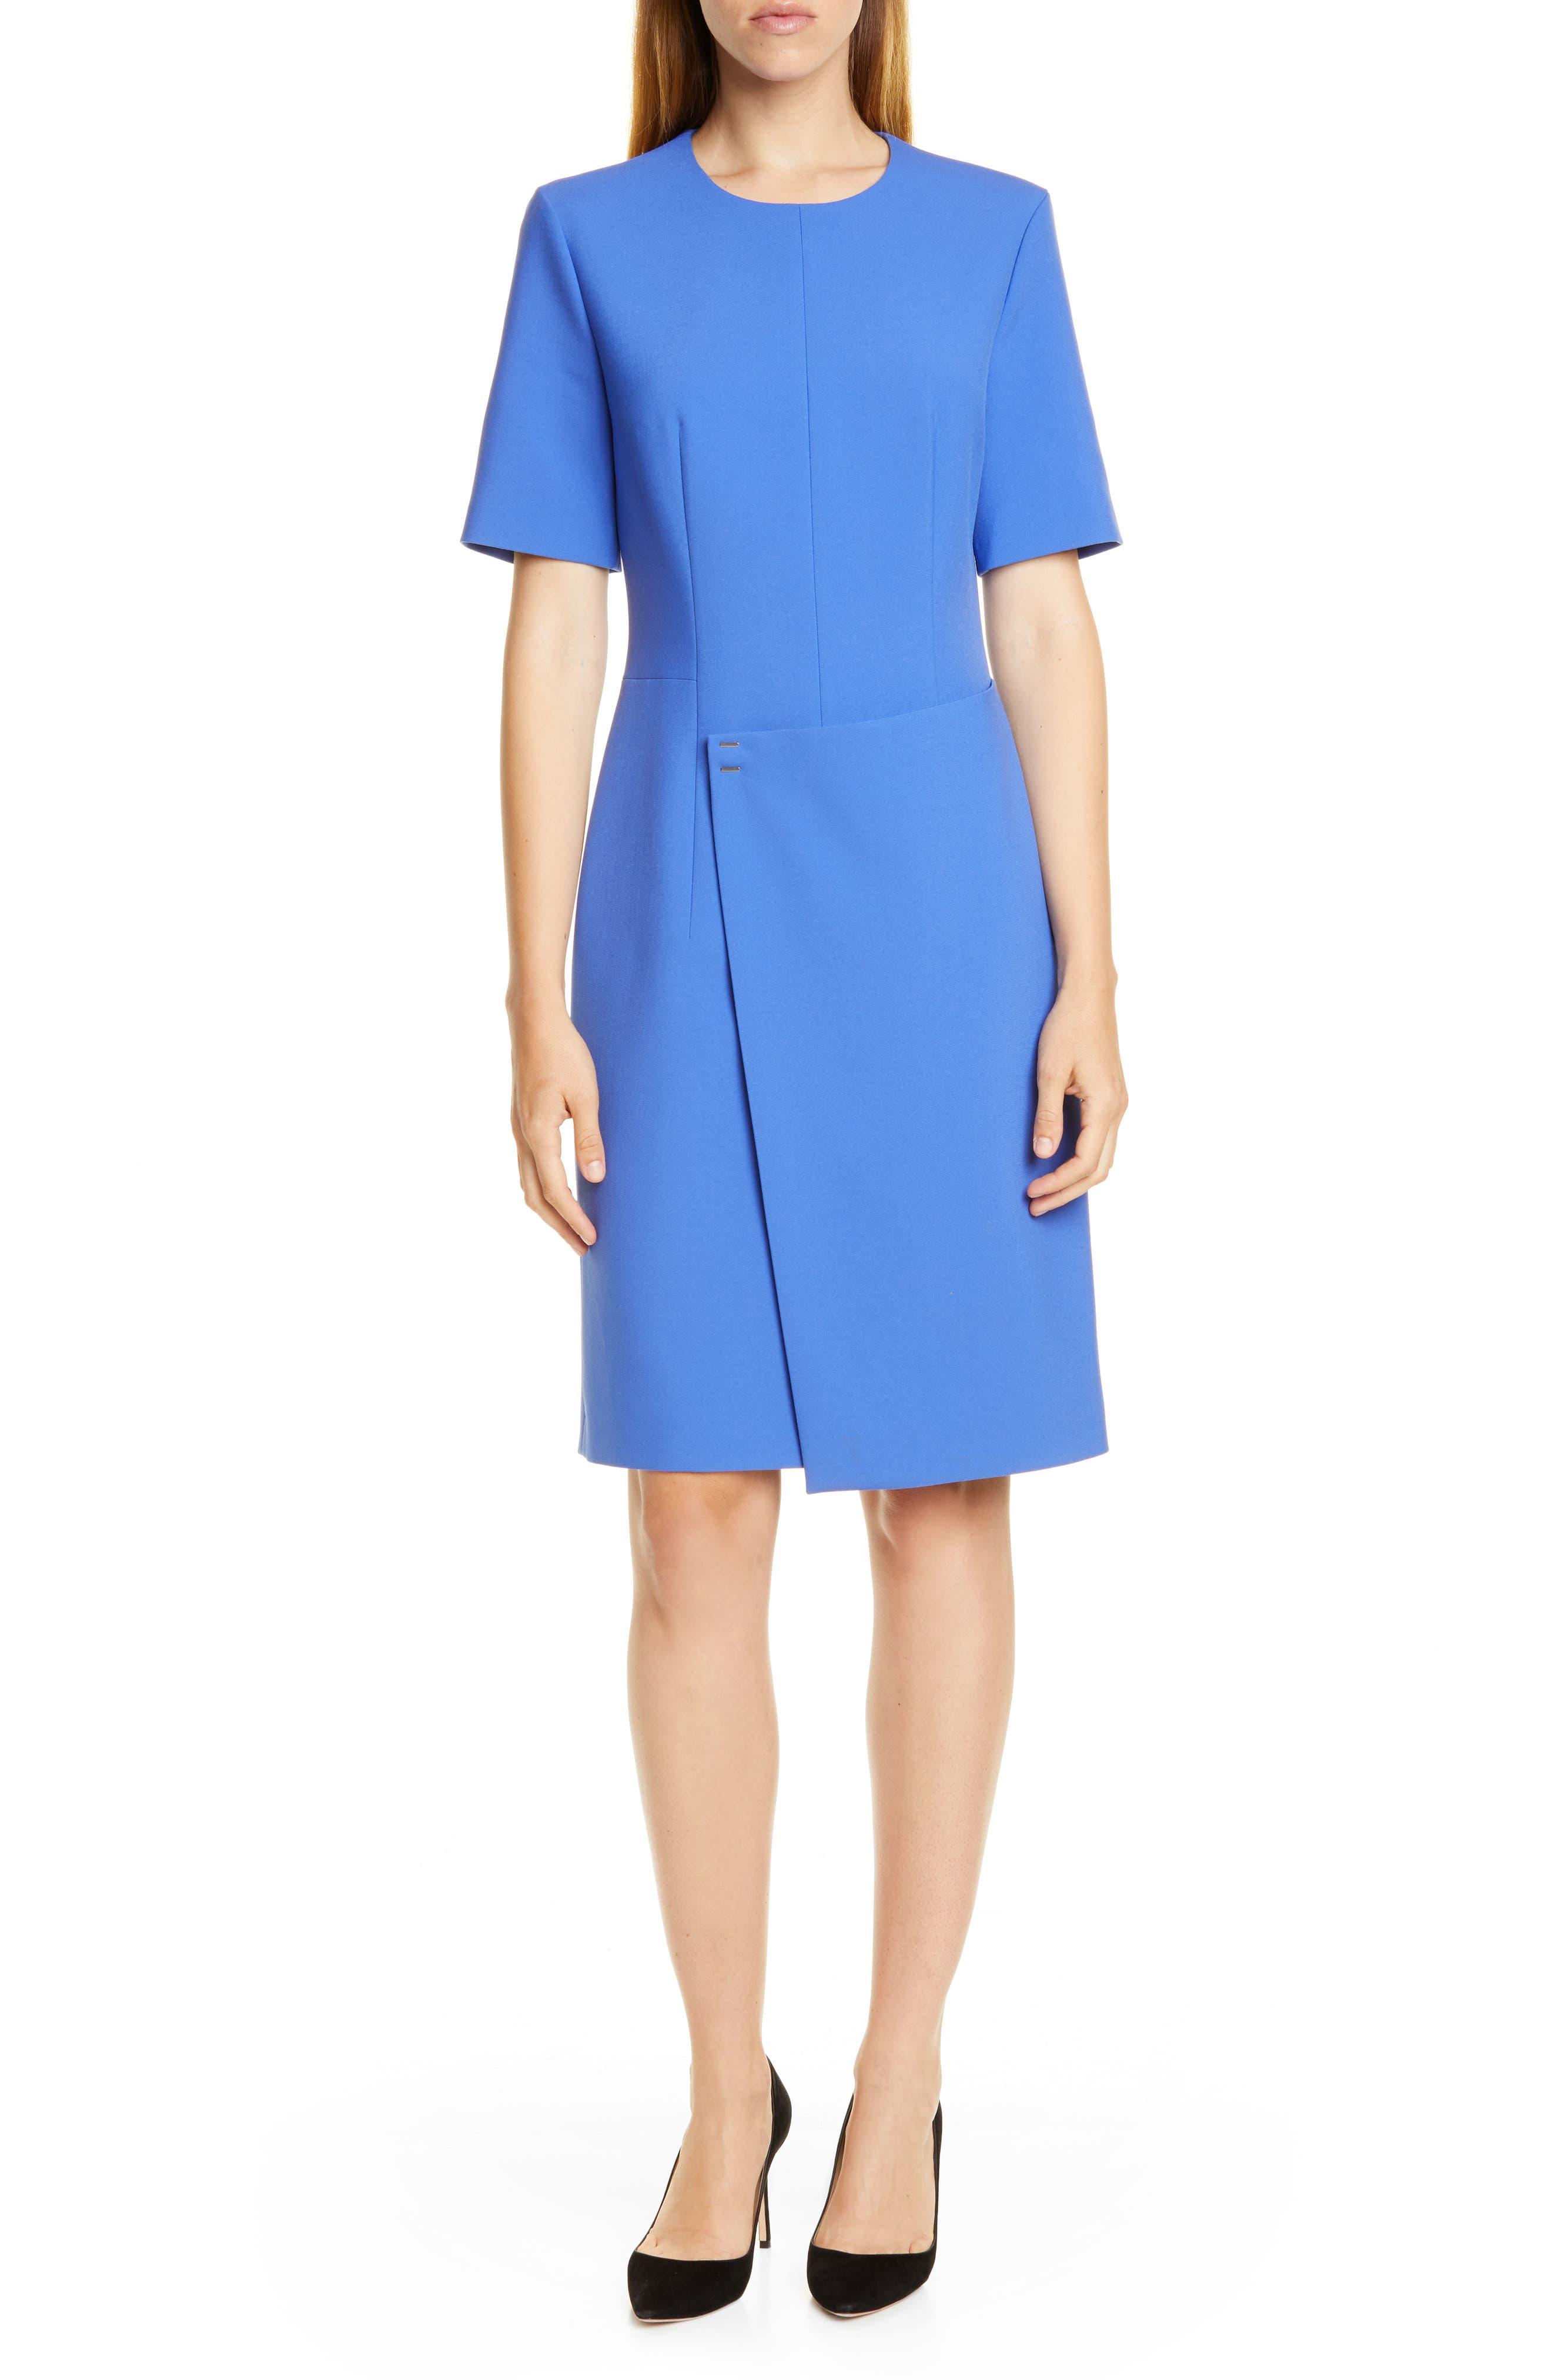 Petite Boss Disula Ponte Dress, Blue